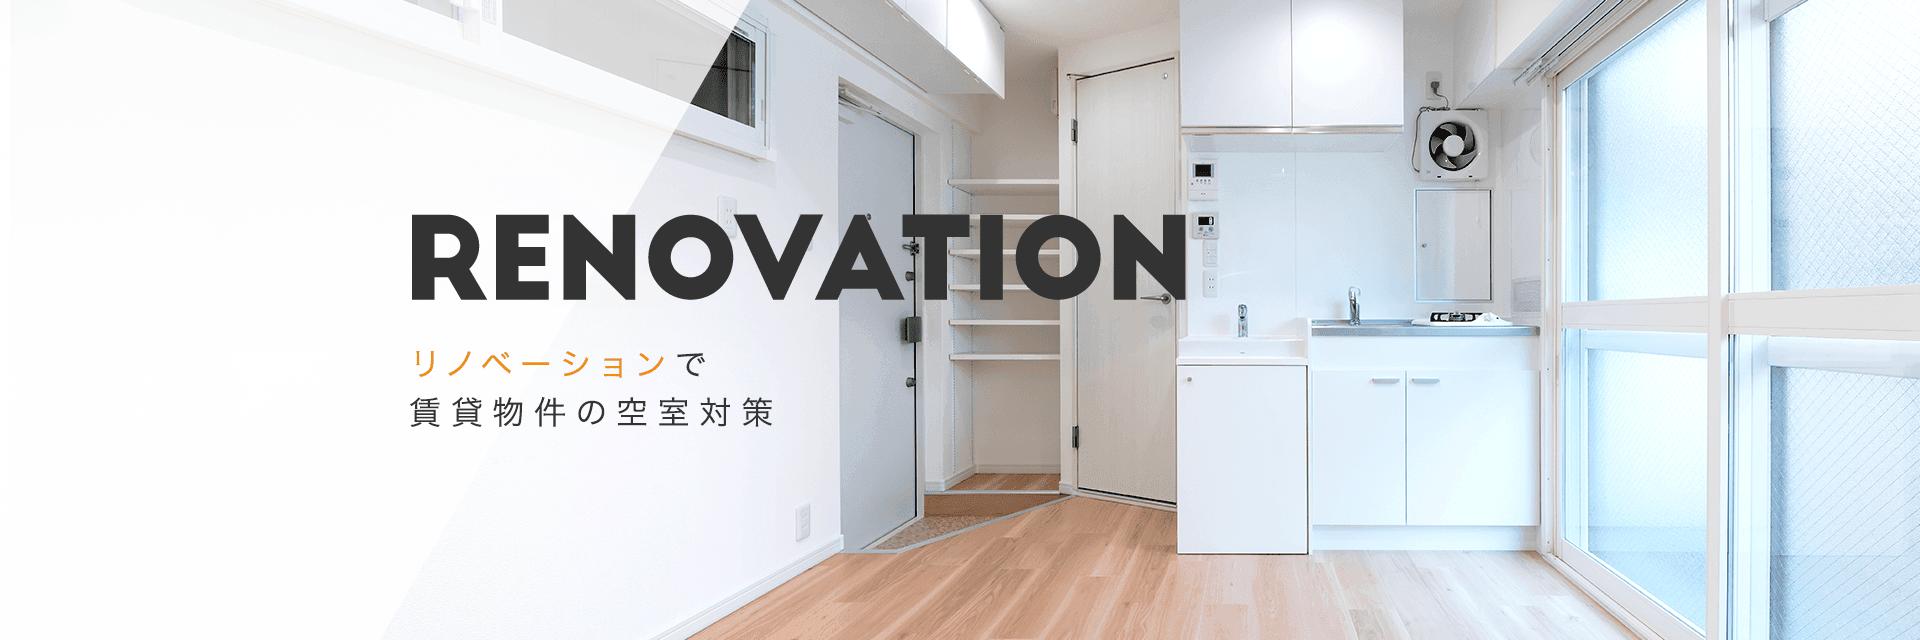 リノベーションで賃貸物件の空室対策